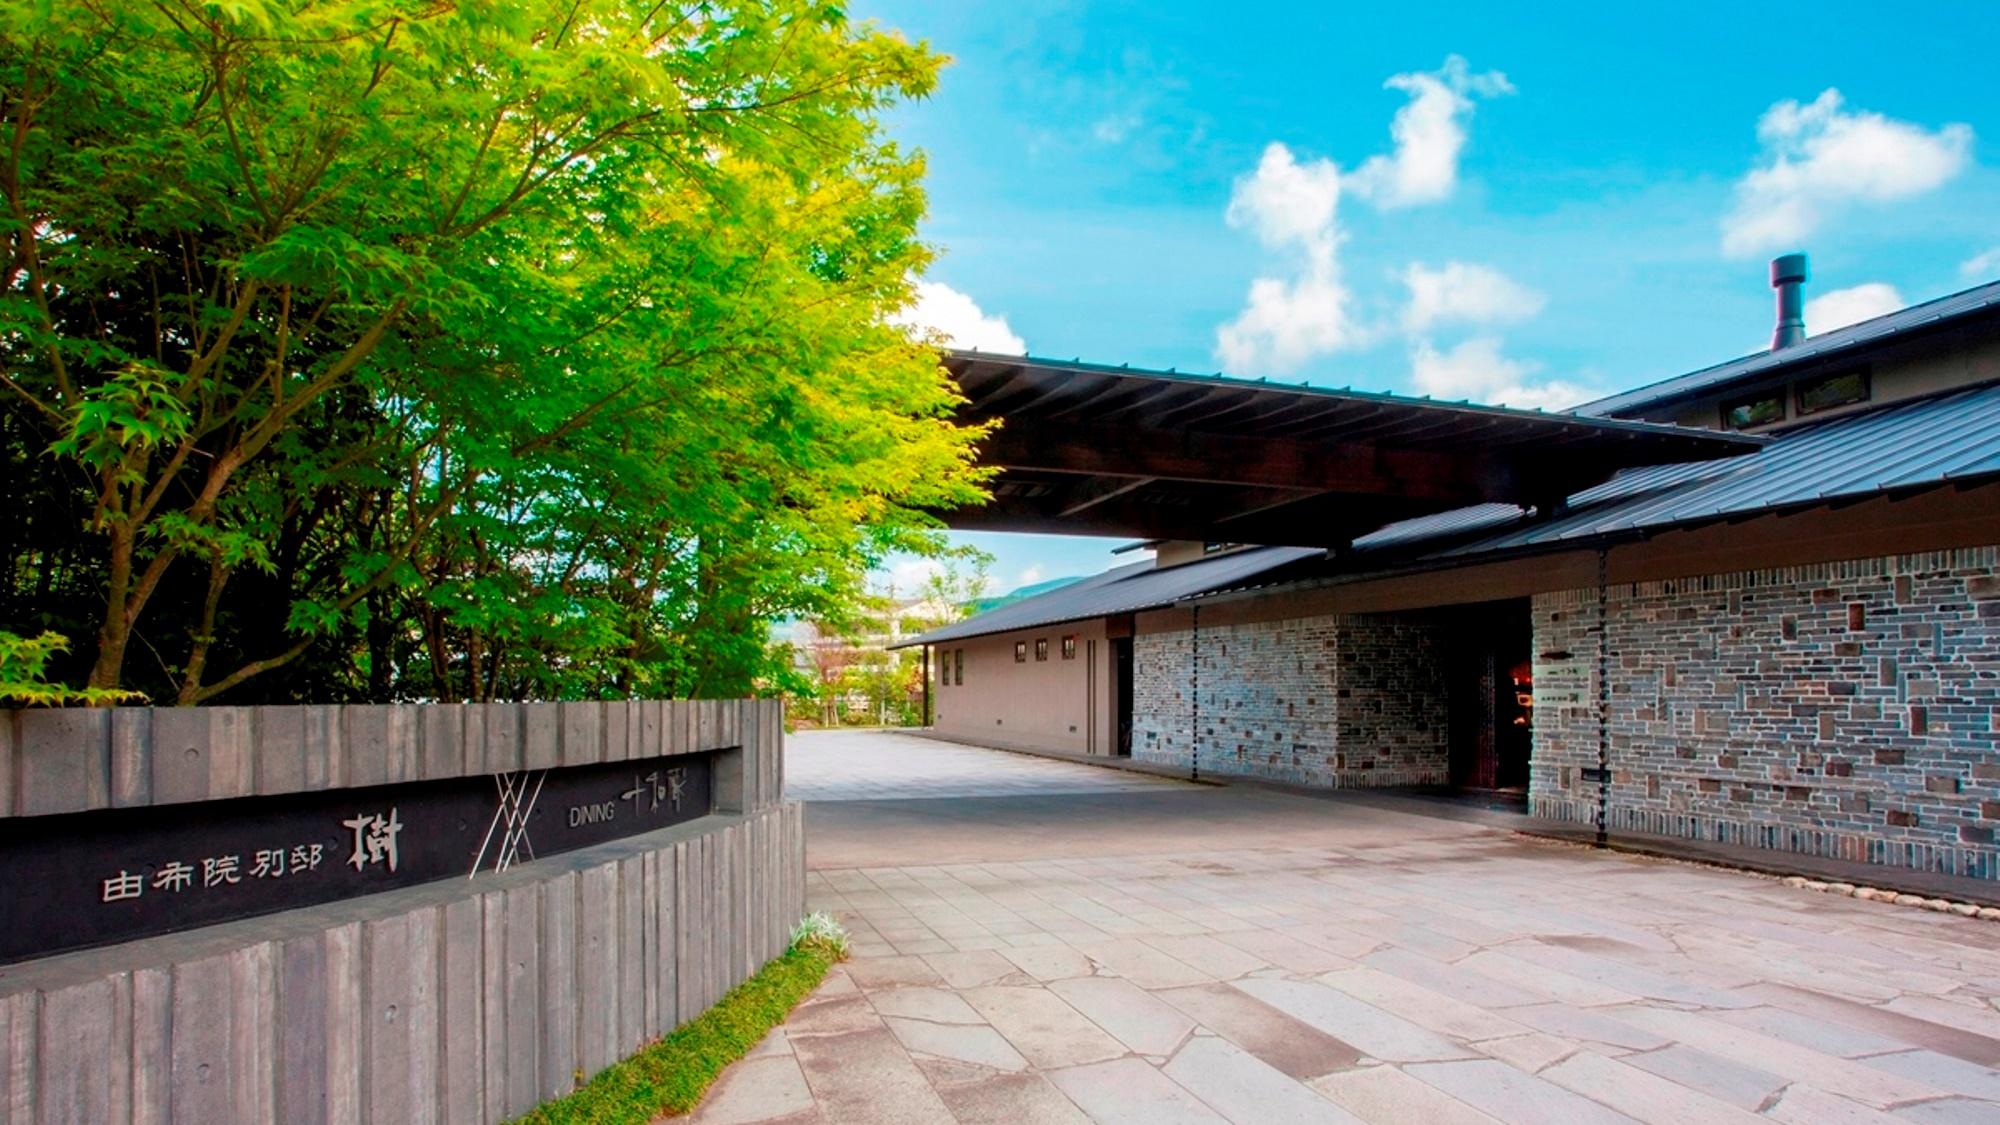 【一人旅】九州中北部で日頃の疲れを癒すおすすめ宿